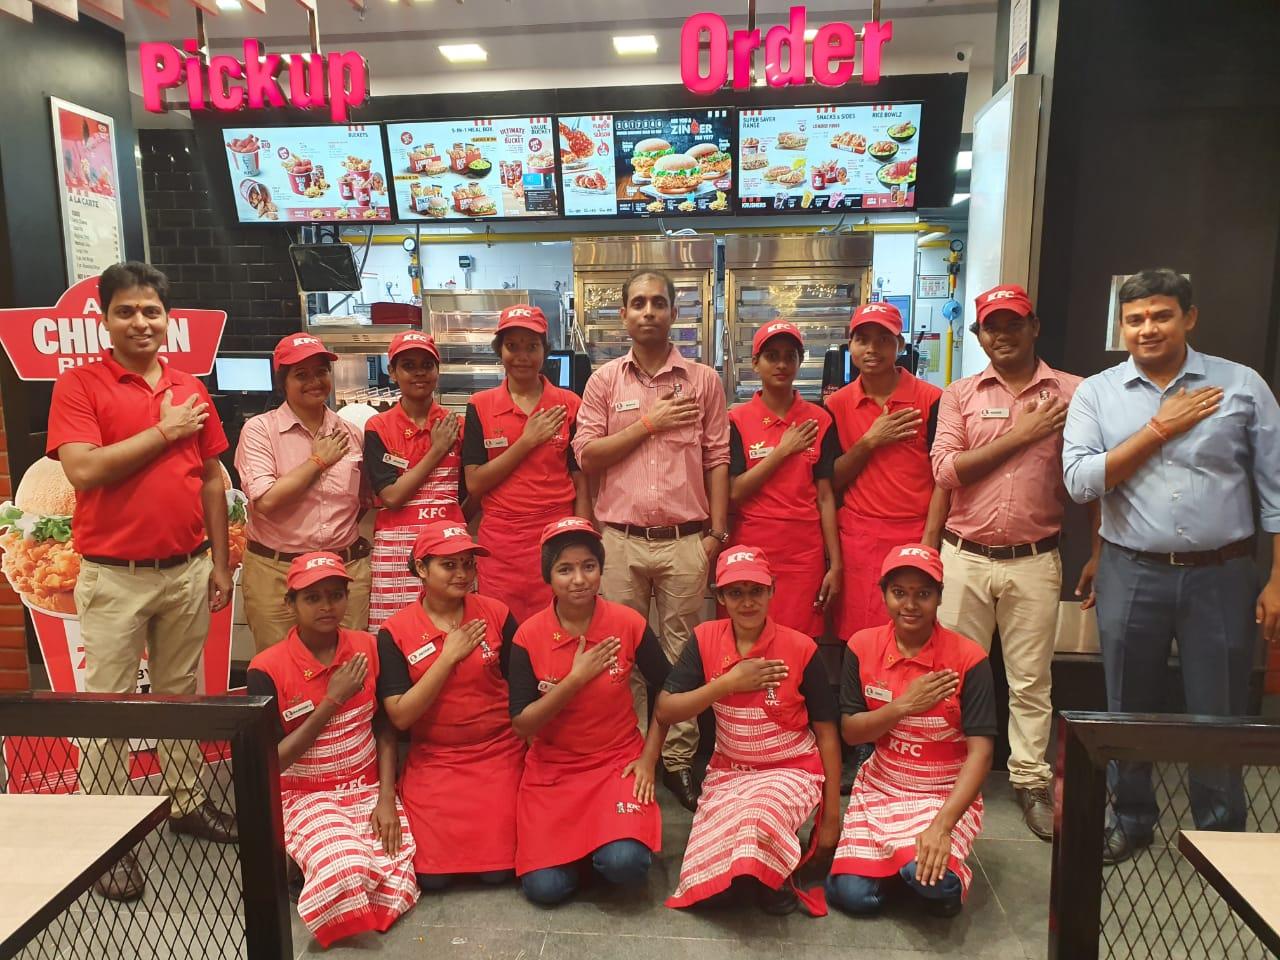 KFC - Gautam Nagar, Bhubaneswar